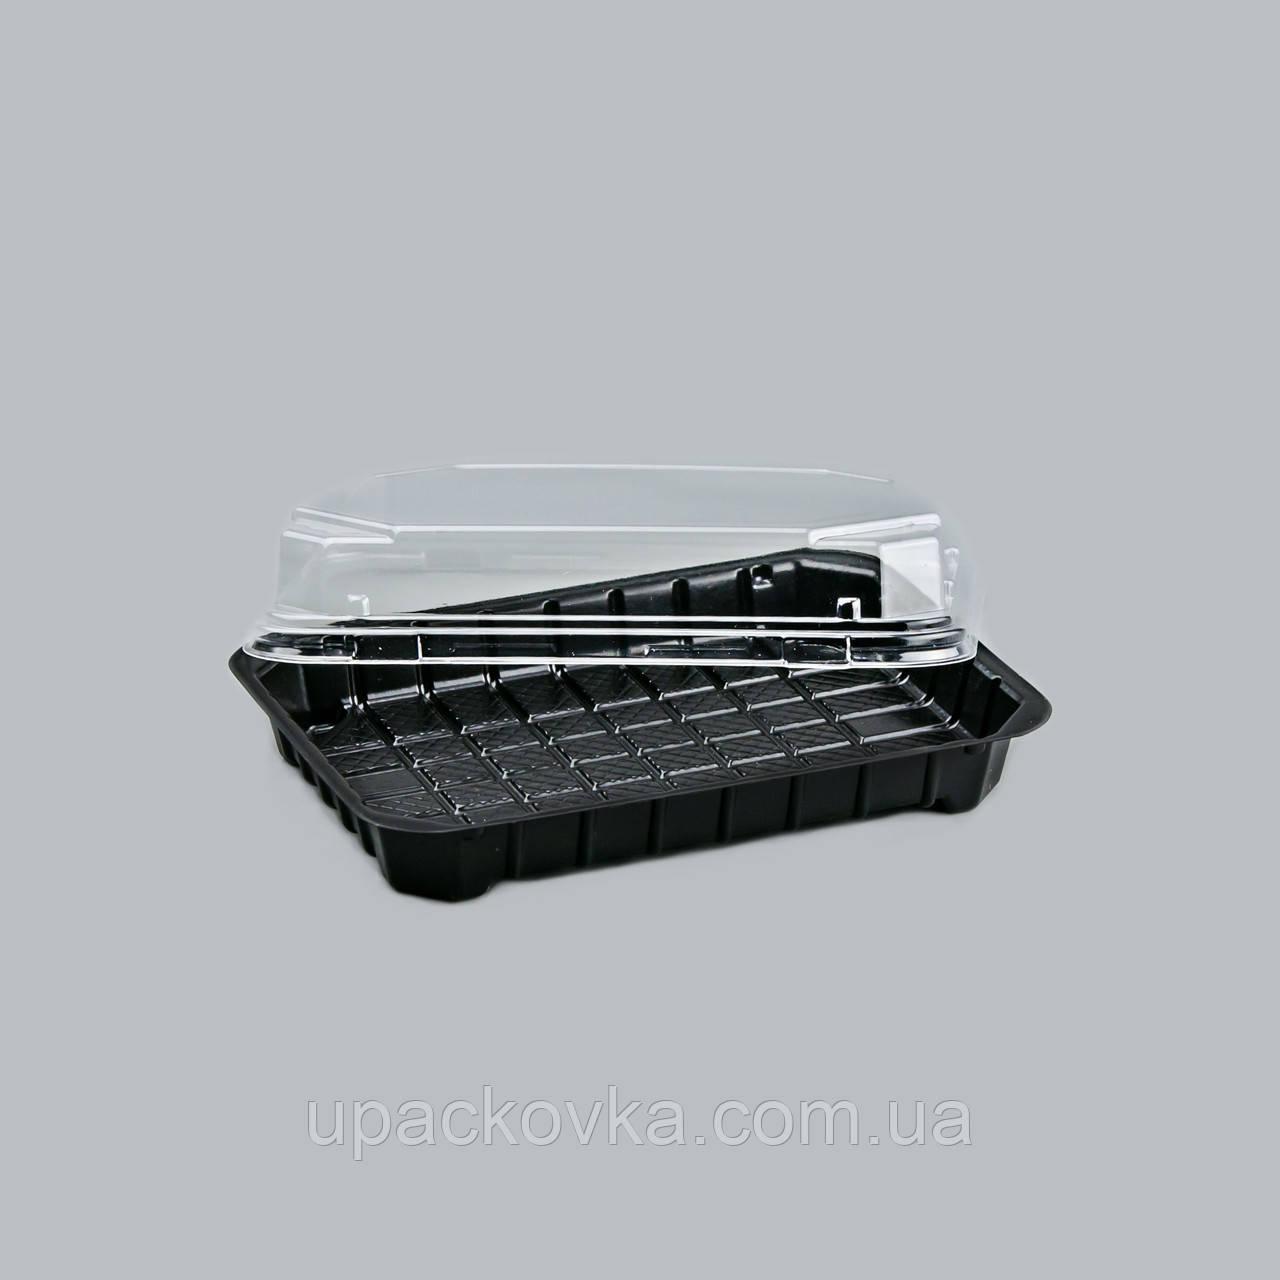 Пластиковая упаковка для суши и роллов ПС-63, 380 шт/уп